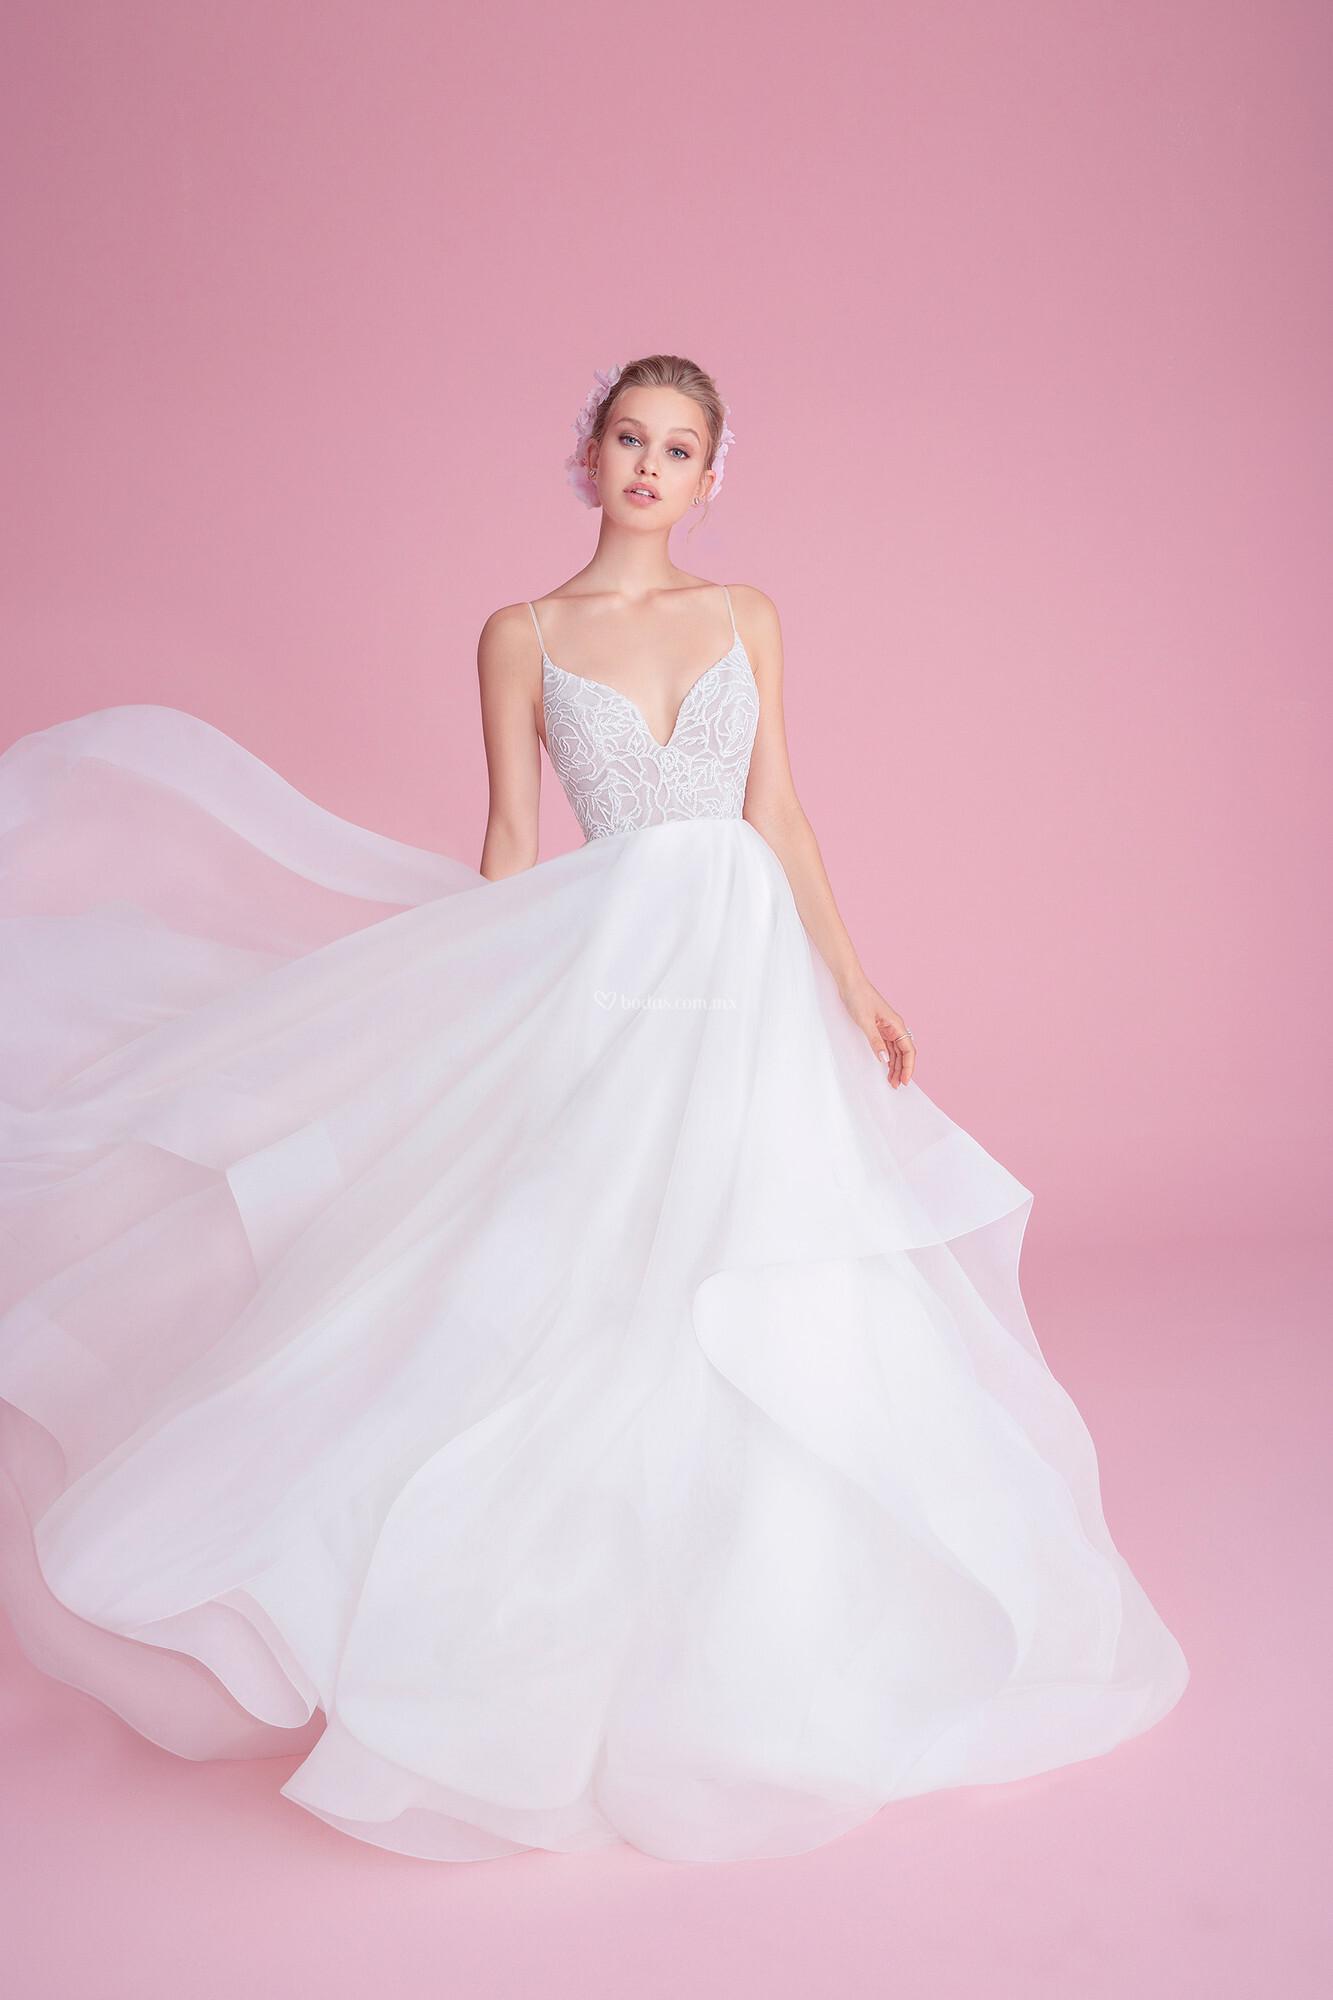 Vestido de Novia de Blush by Hayley Paige - PERRI